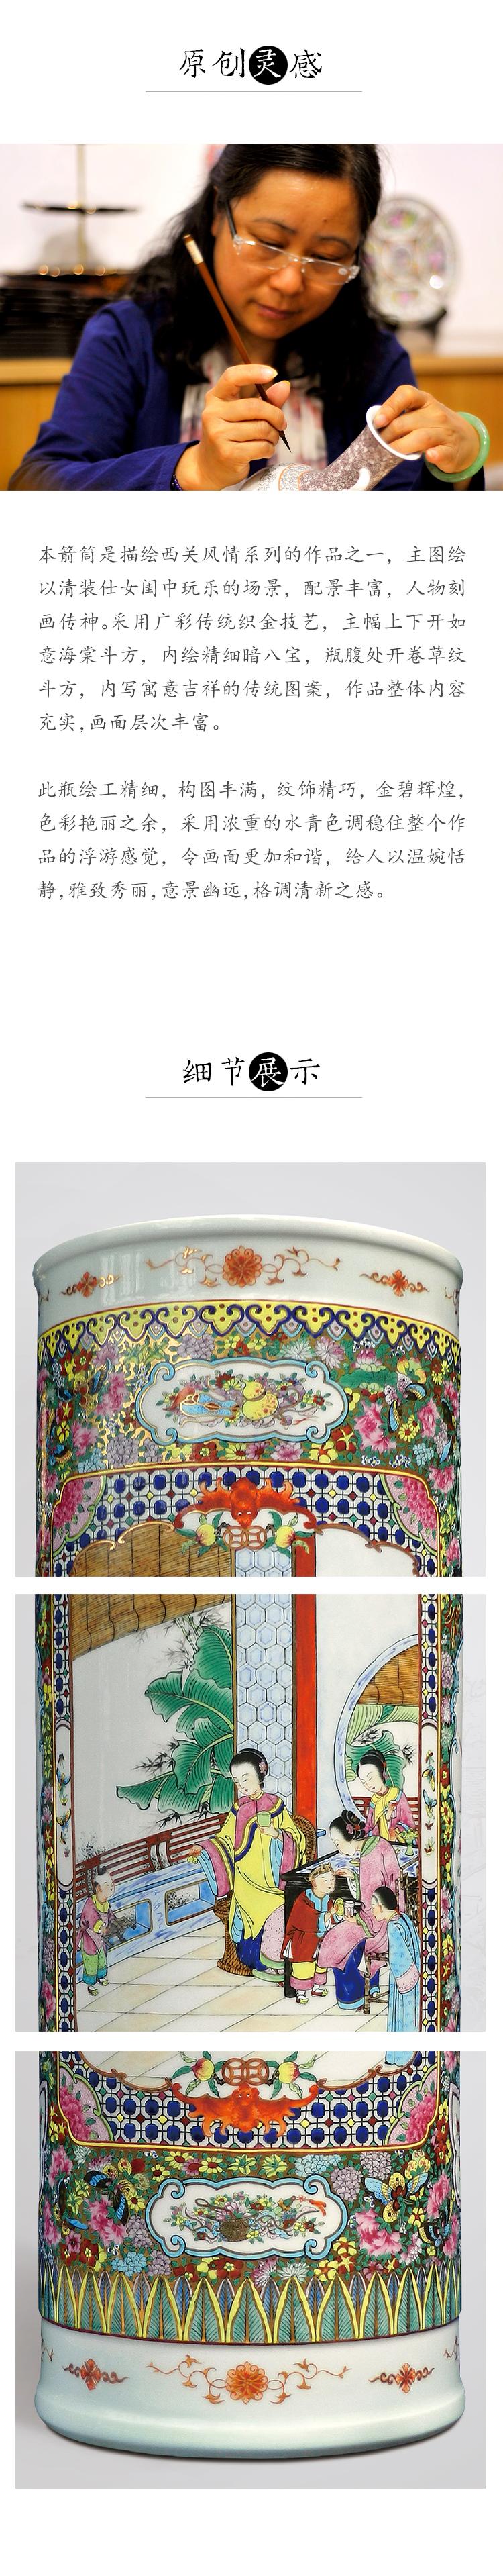 旧西关风情之和煦锦绣_04.jpg